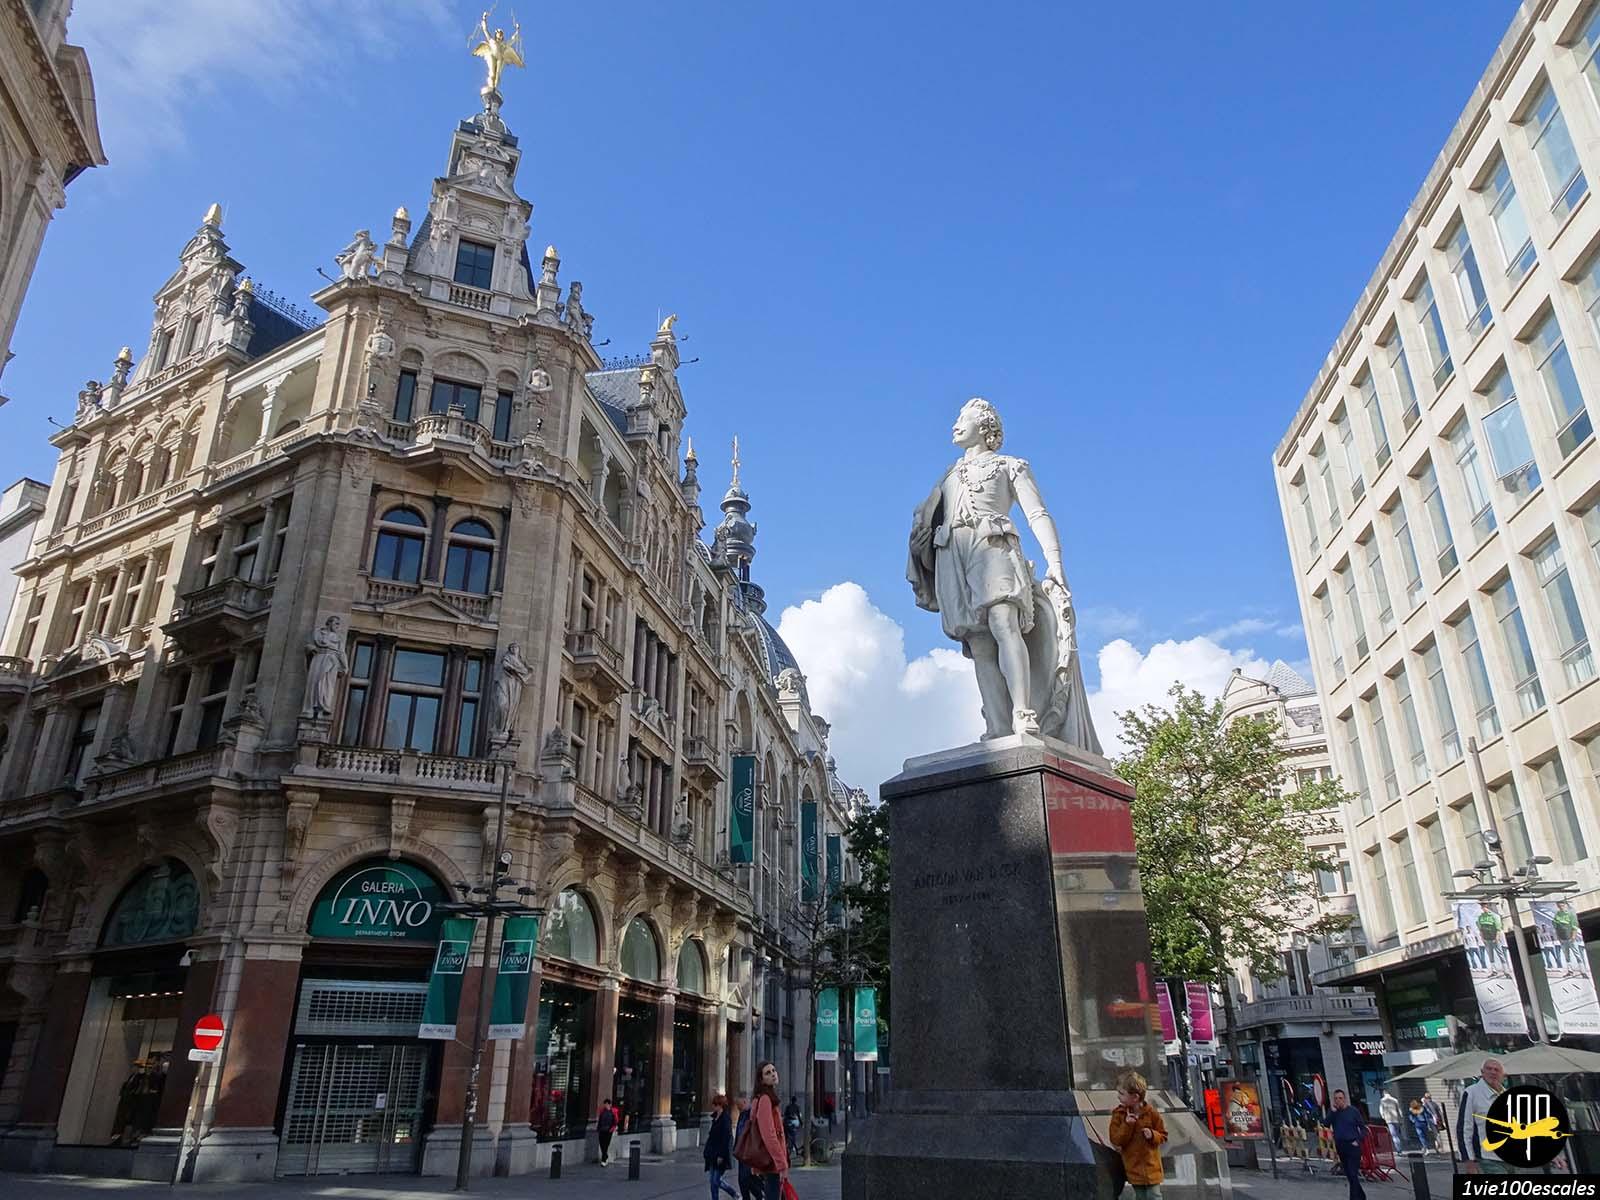 Les anciens immeubles de la rue commercante d'Anvers